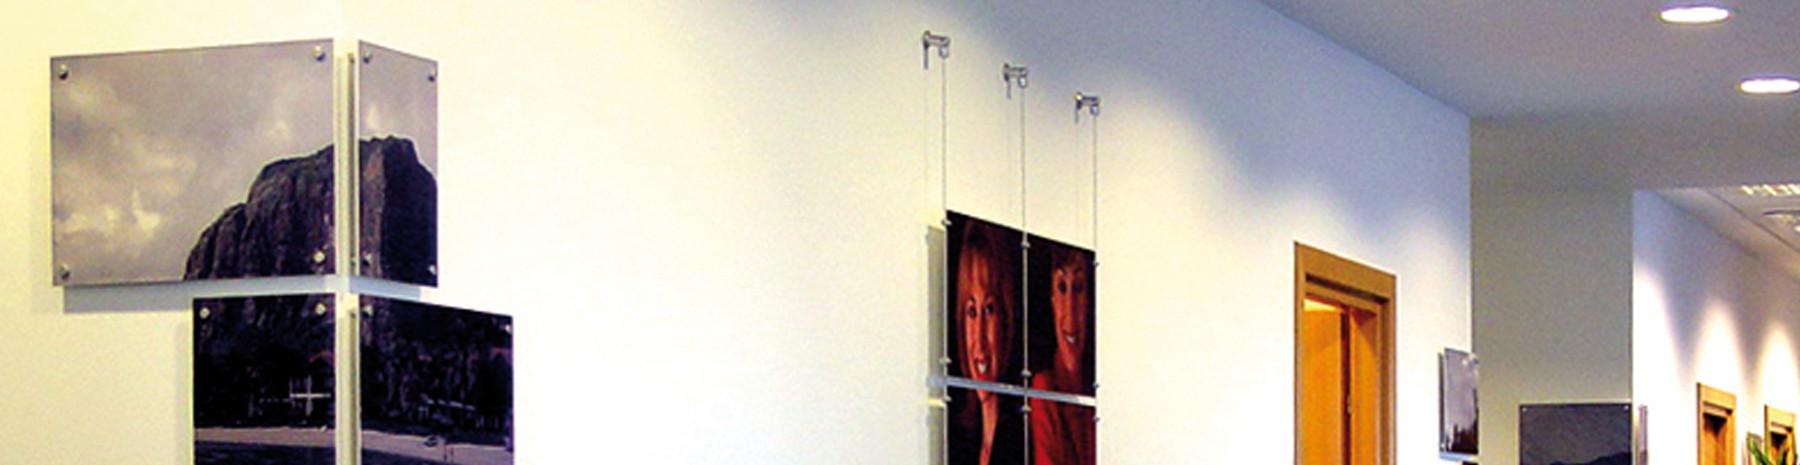 Porte-affiches en plexiglas 3mm pour tous vos affichages suspendus